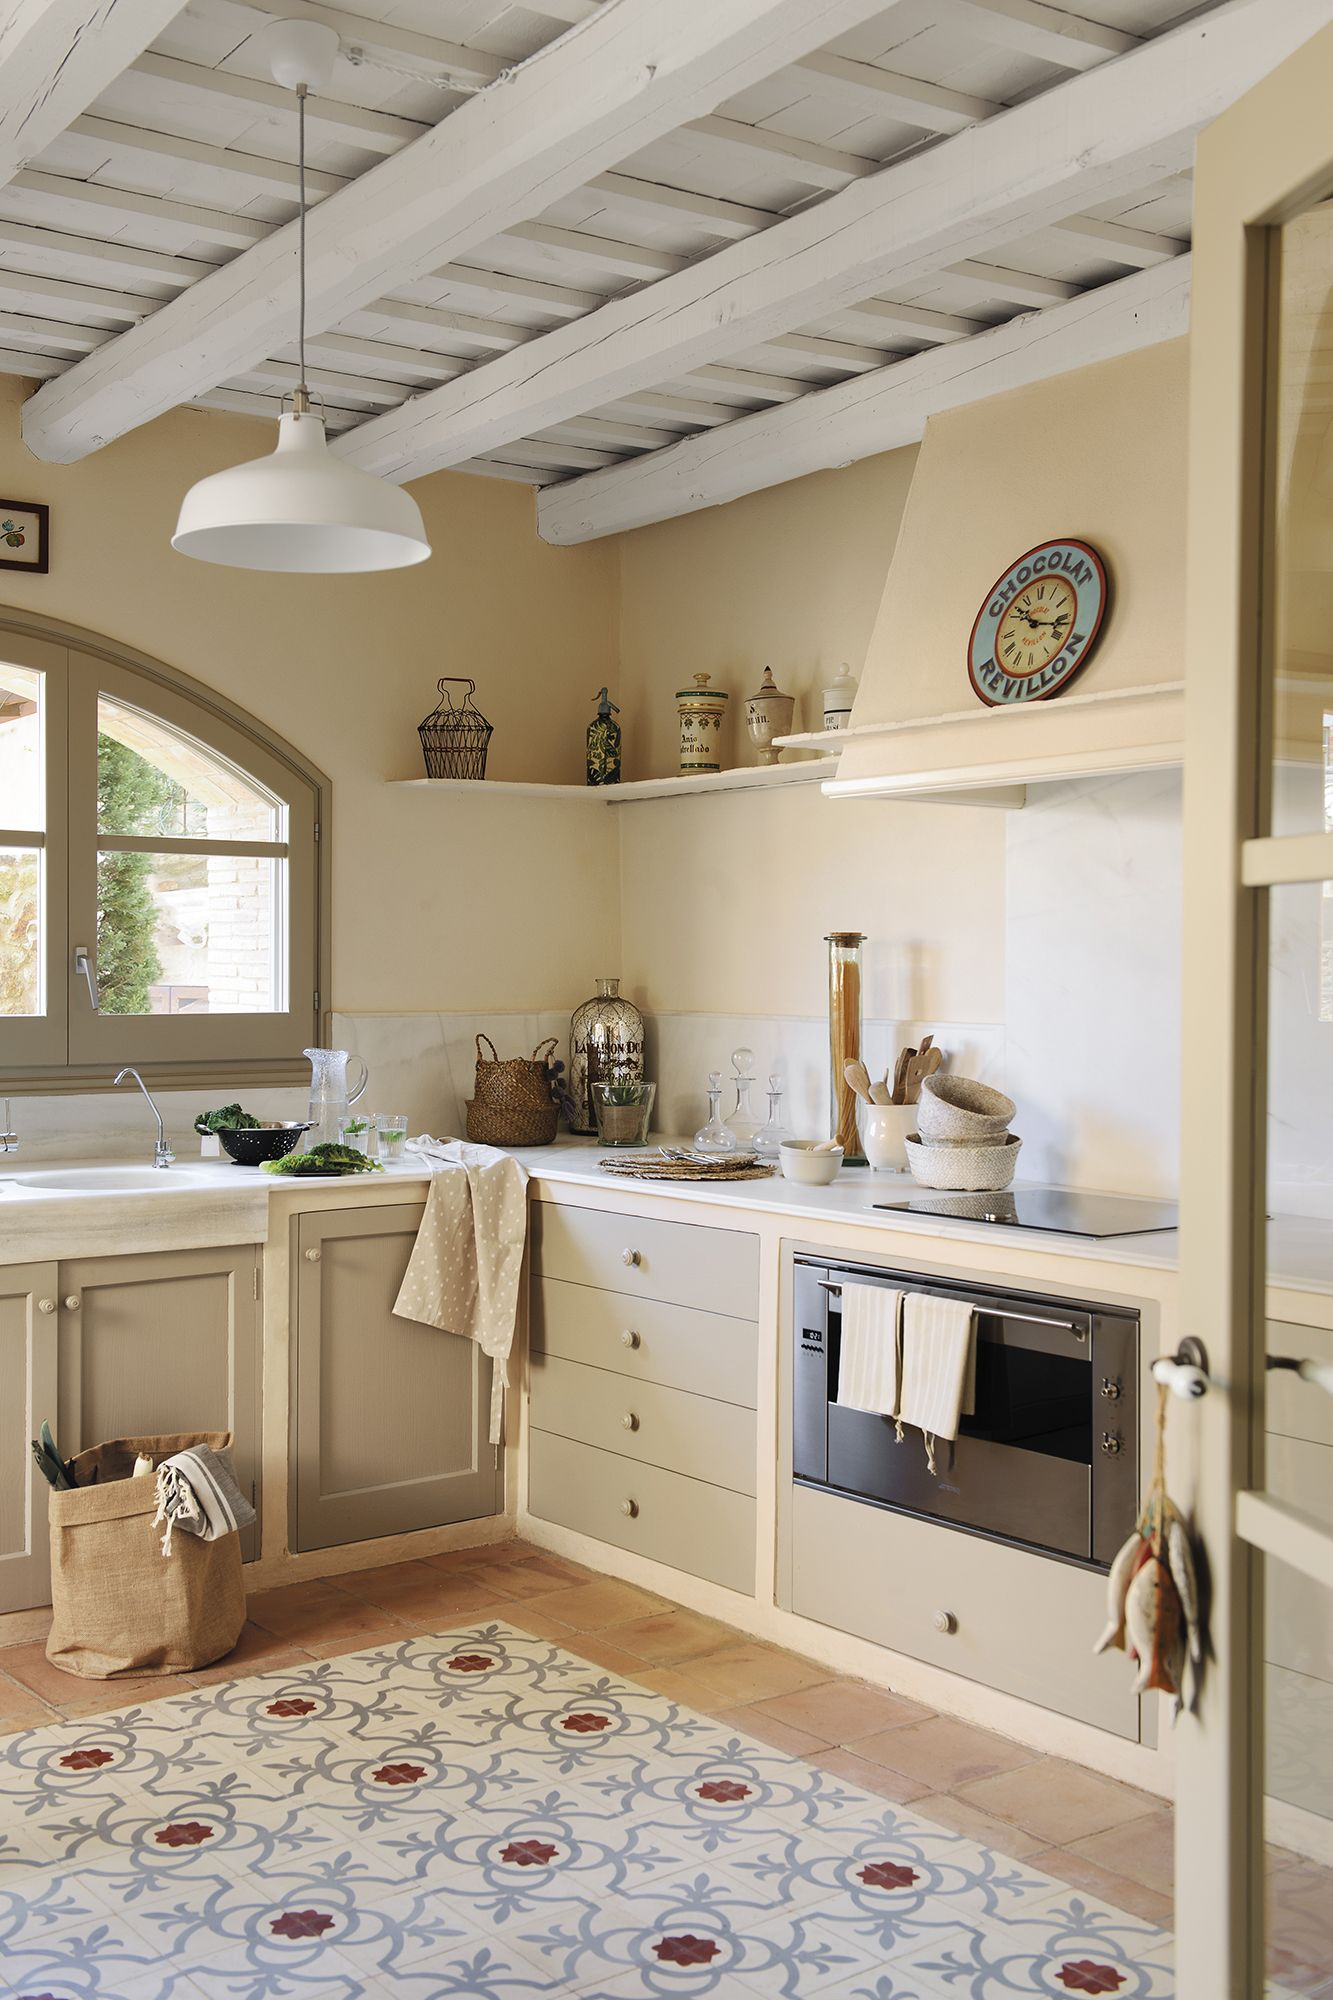 Cocina de aire rústico con suelo hidráulico y de toba catalana 048 DSC4280 d4414cce56b2